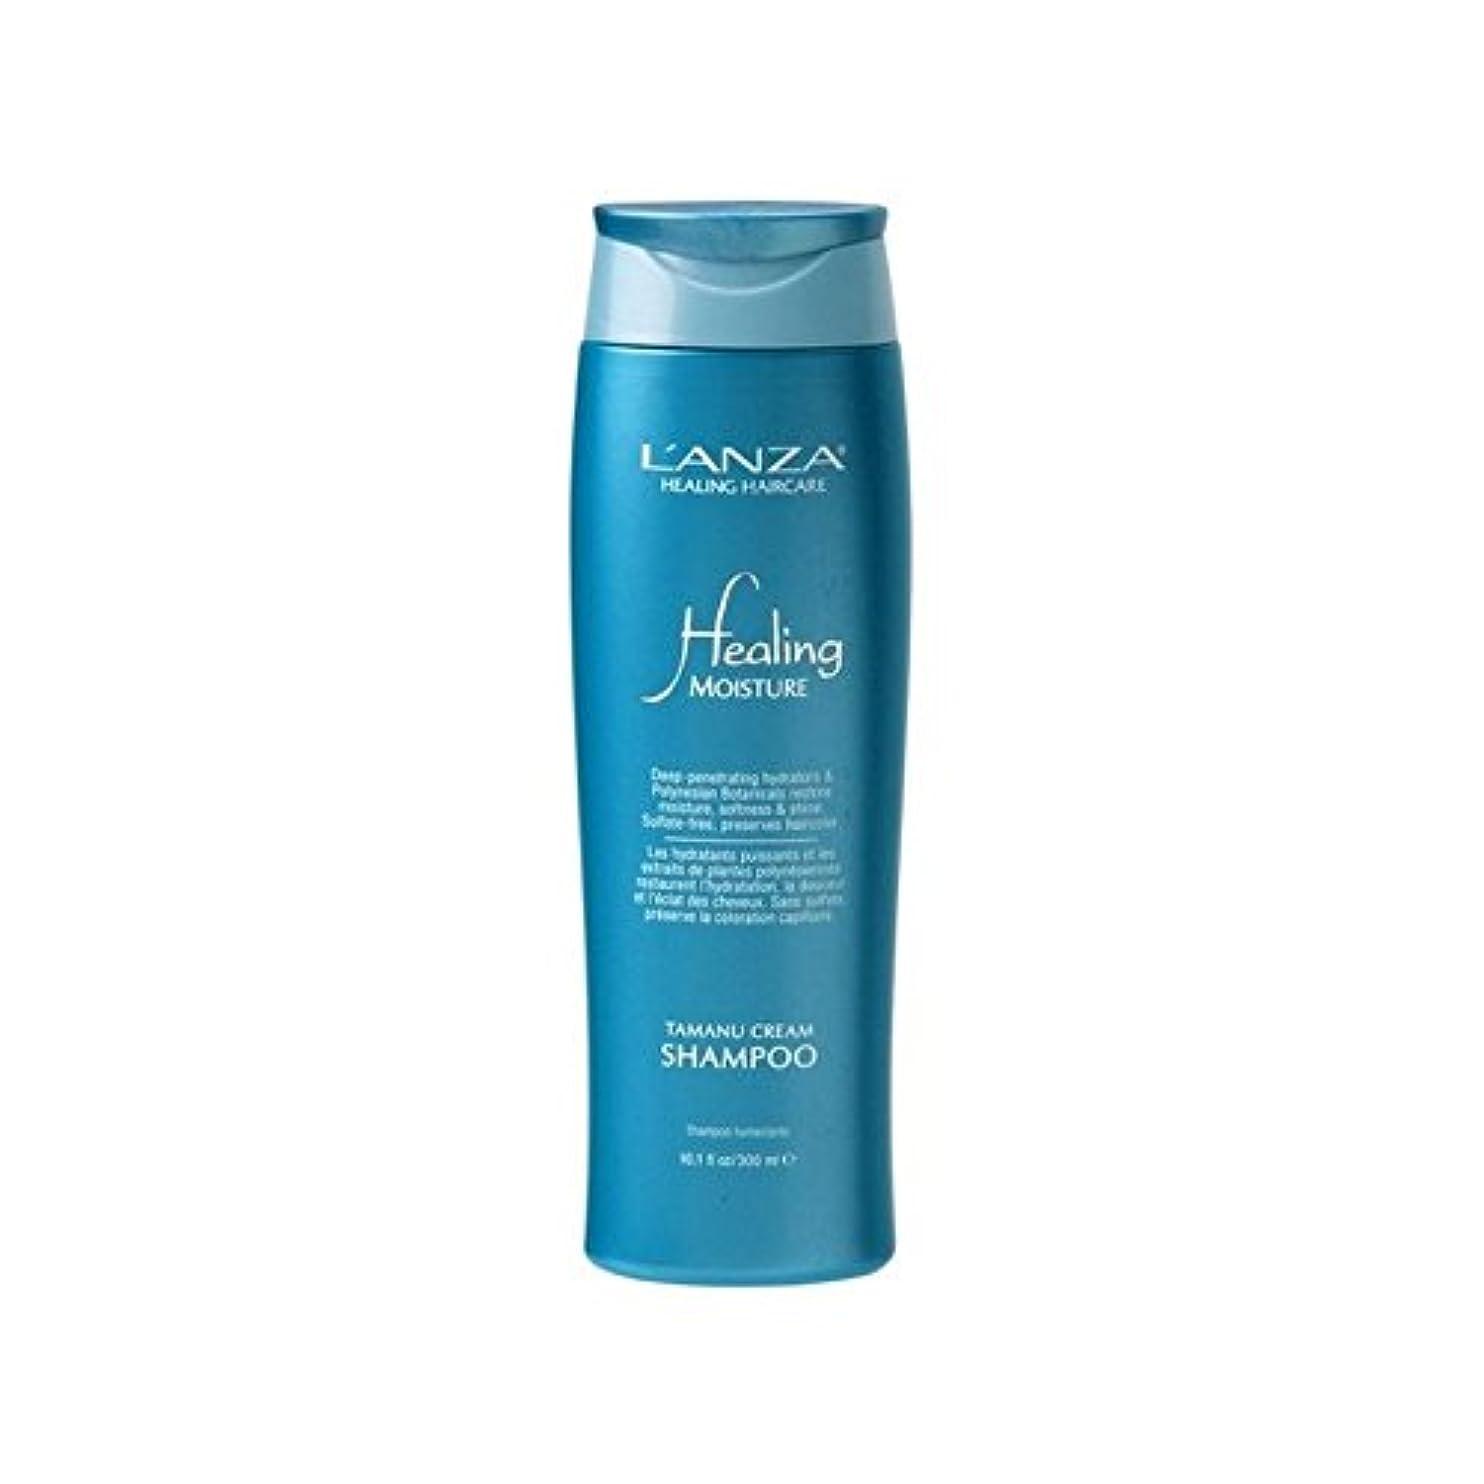 性的露骨な内向きアンザ癒しの水分タマヌクリームシャンプー(300ミリリットル) x2 - L'Anza Healing Moisture Tamanu Cream Shampoo (300ml) (Pack of 2) [並行輸入品]